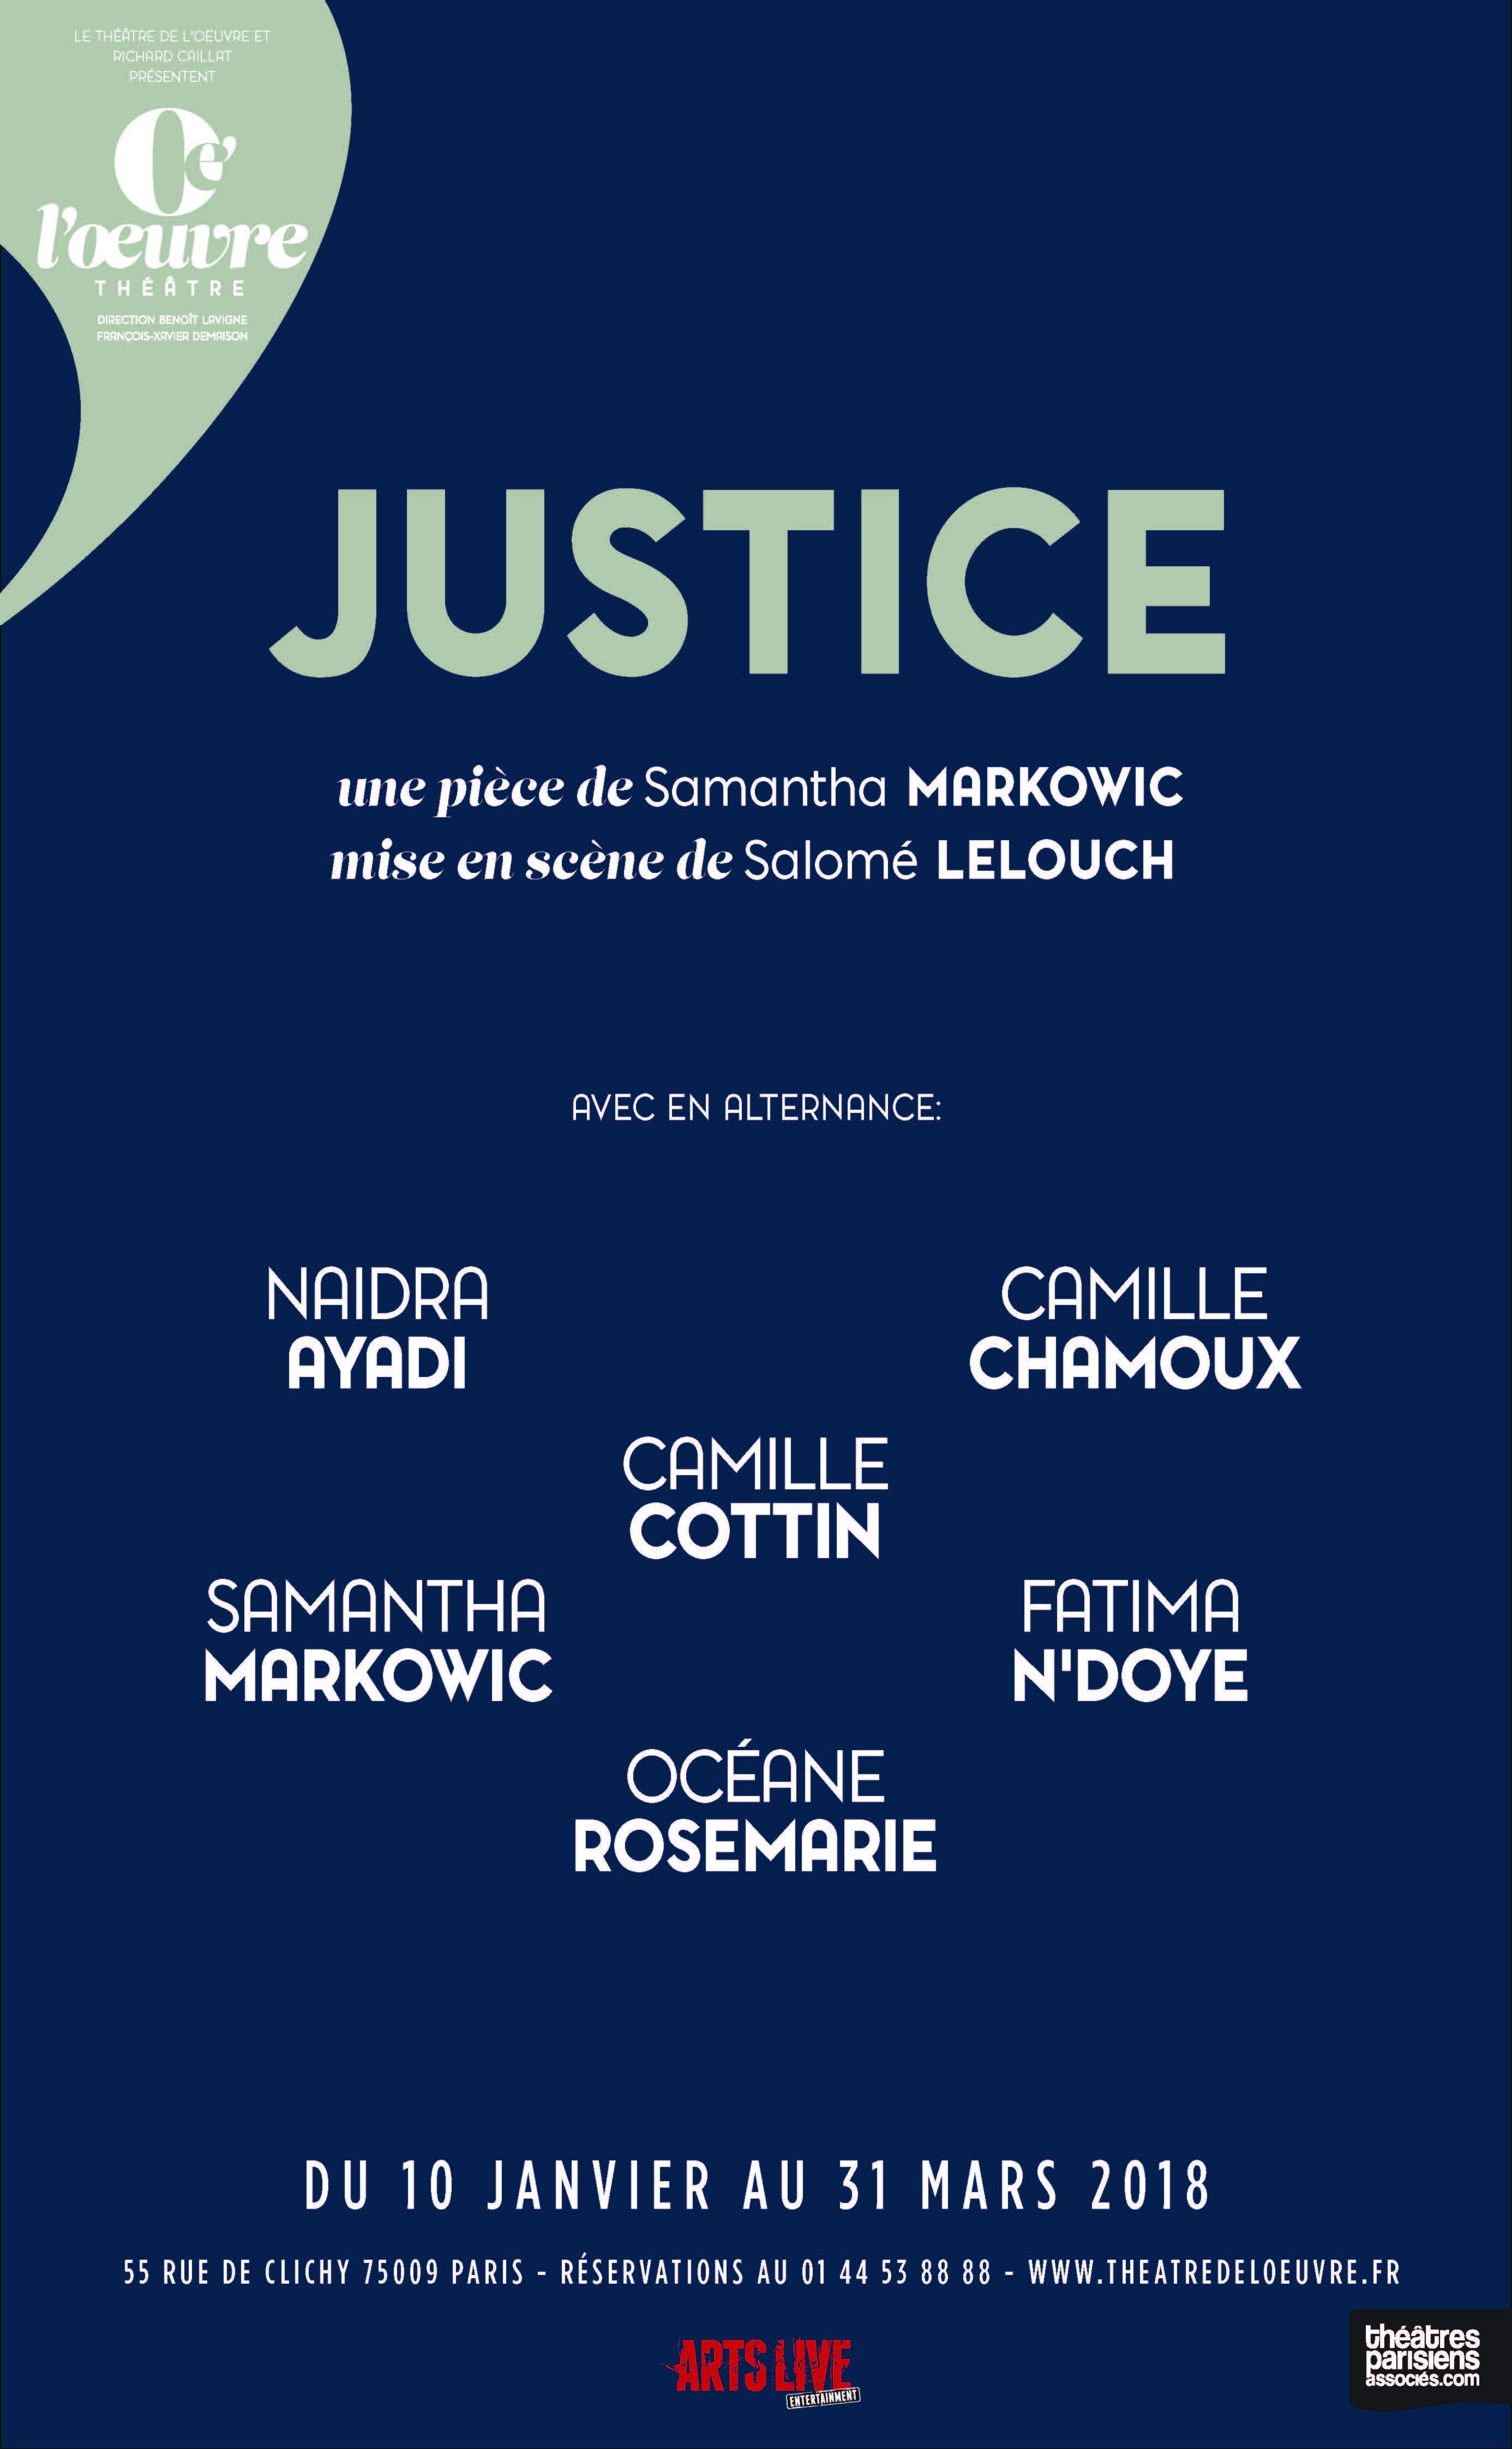 40X60 JUSTICE 1 + logo